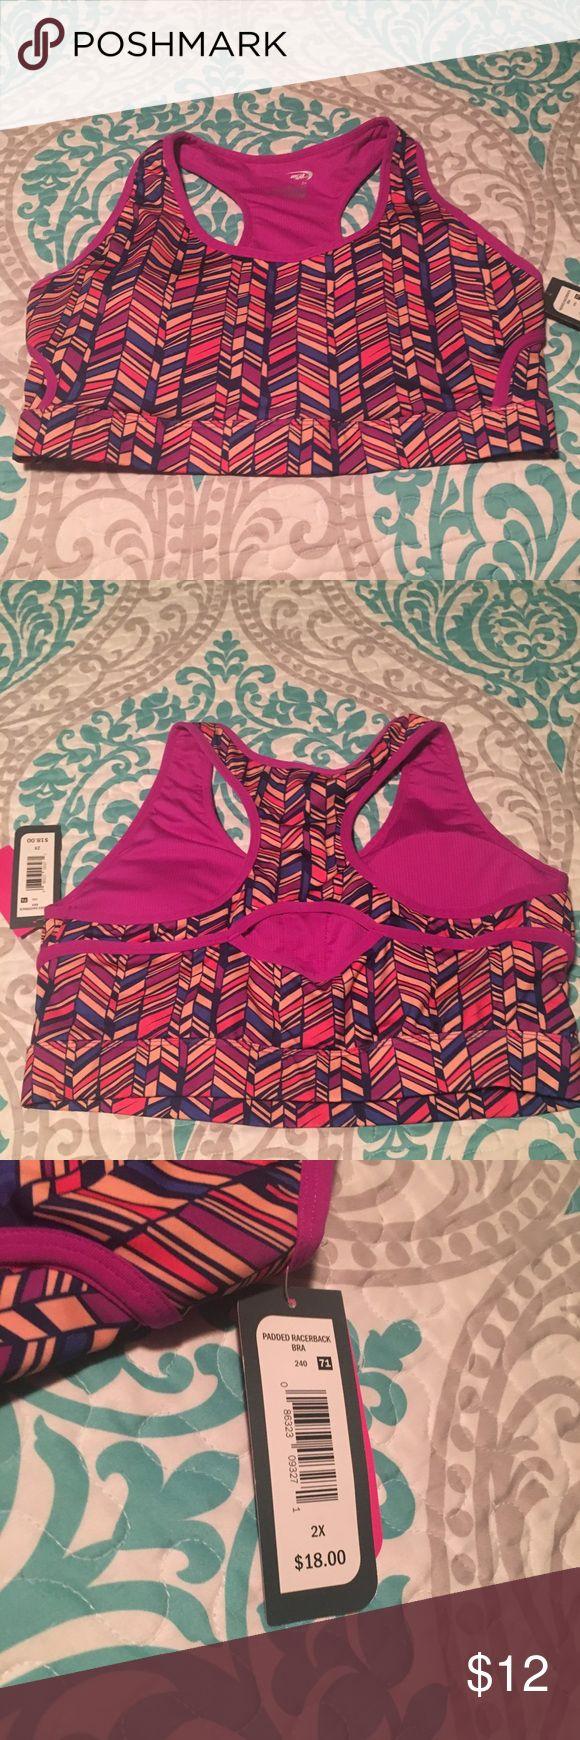 NWT Plus Size Sports Bra Brand new, with tags. Magenta Aztec print Plus Size sports bra. Removable padding. Size 2x Intimates & Sleepwear Bras